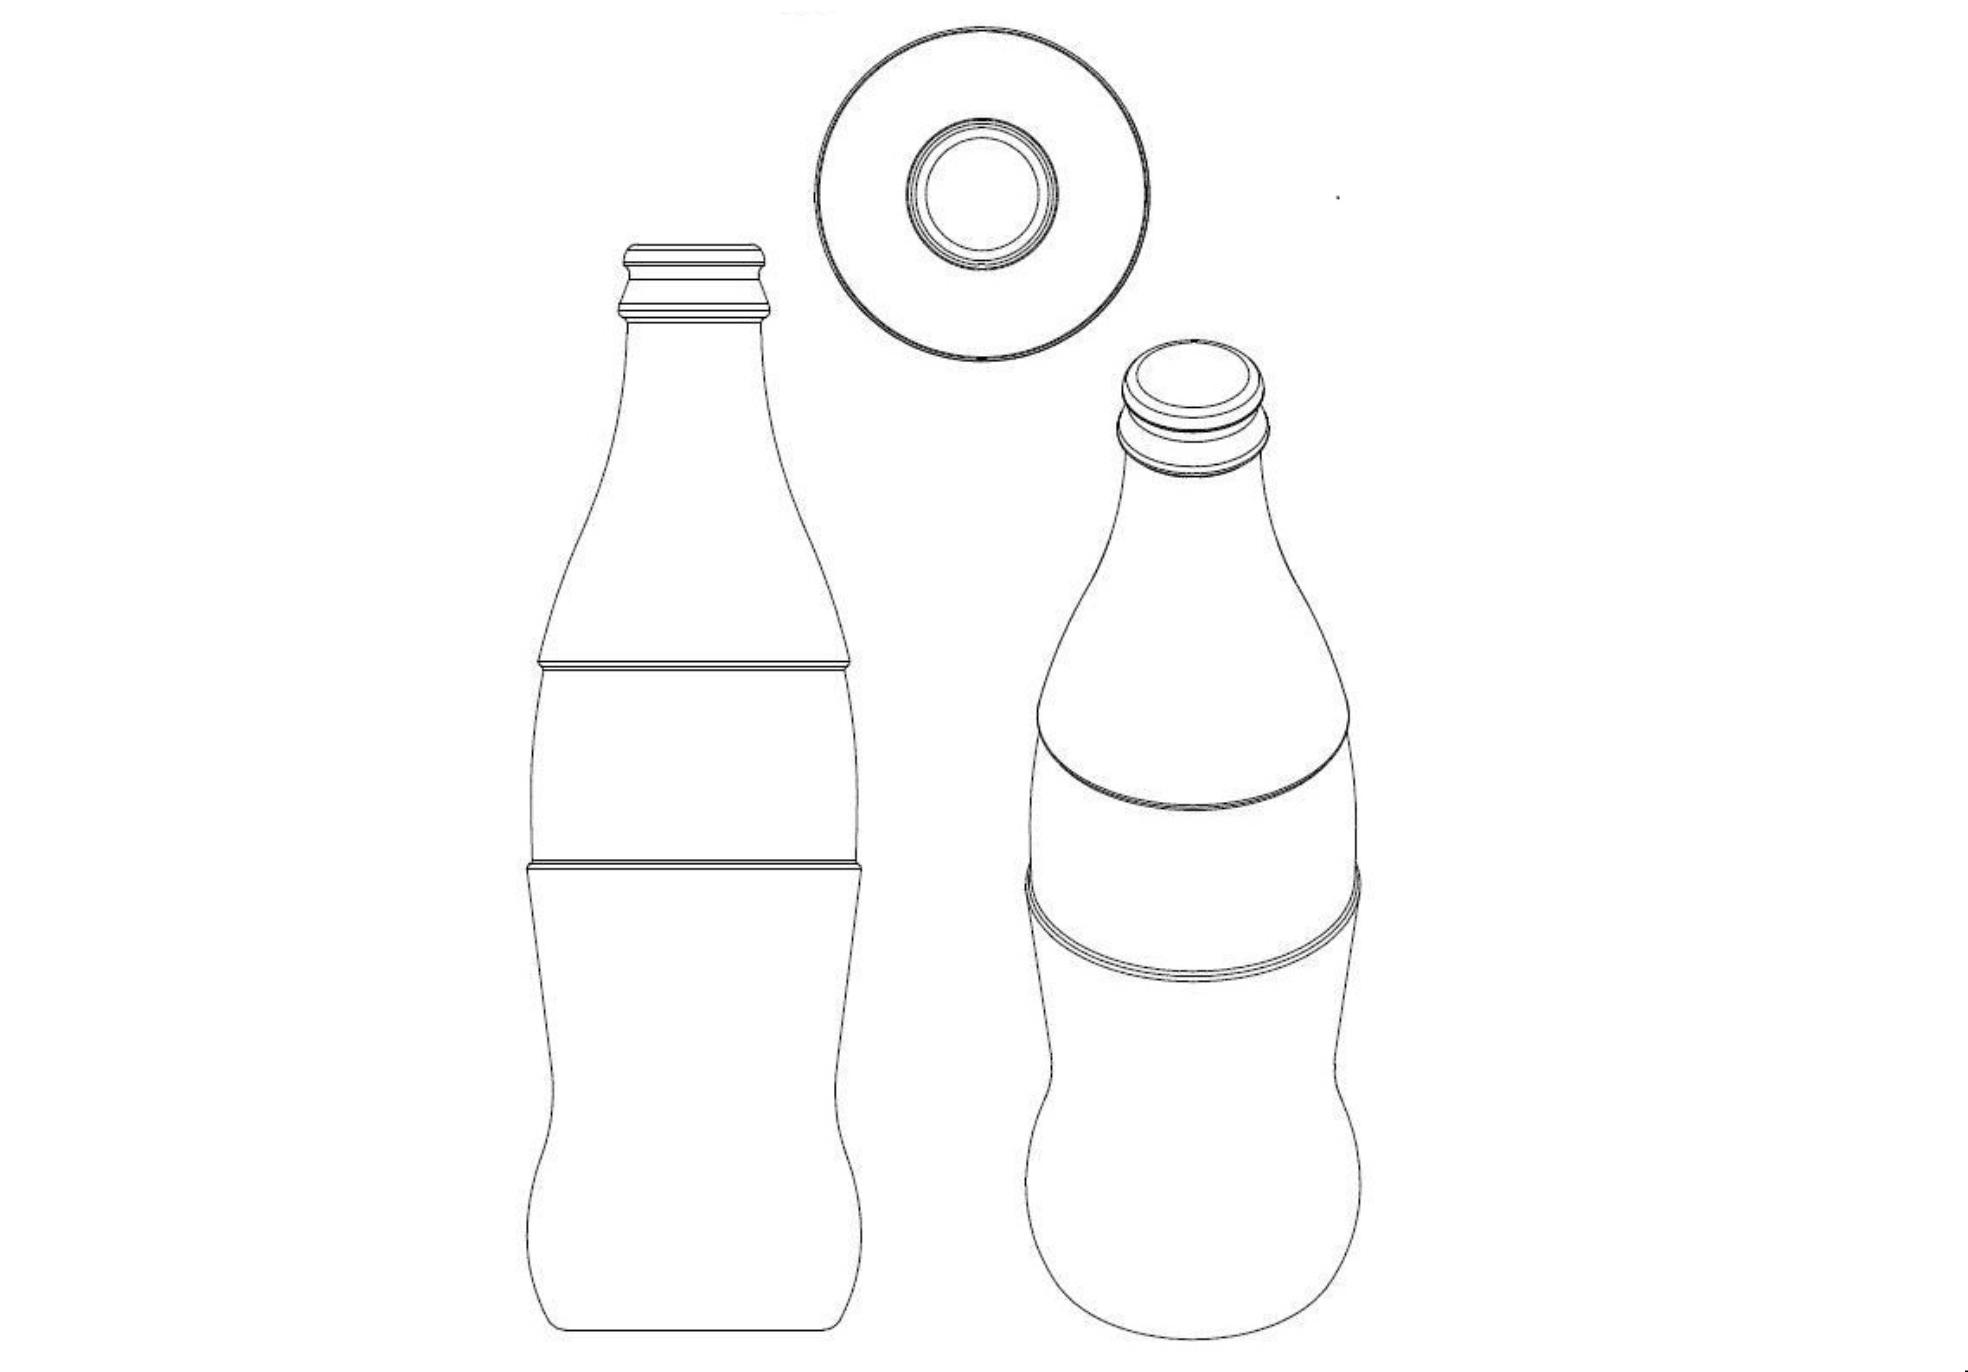 Coca-Cola kształt butelki bez zdolności odróżniającej (wtórna zdolność odróżniająca)...